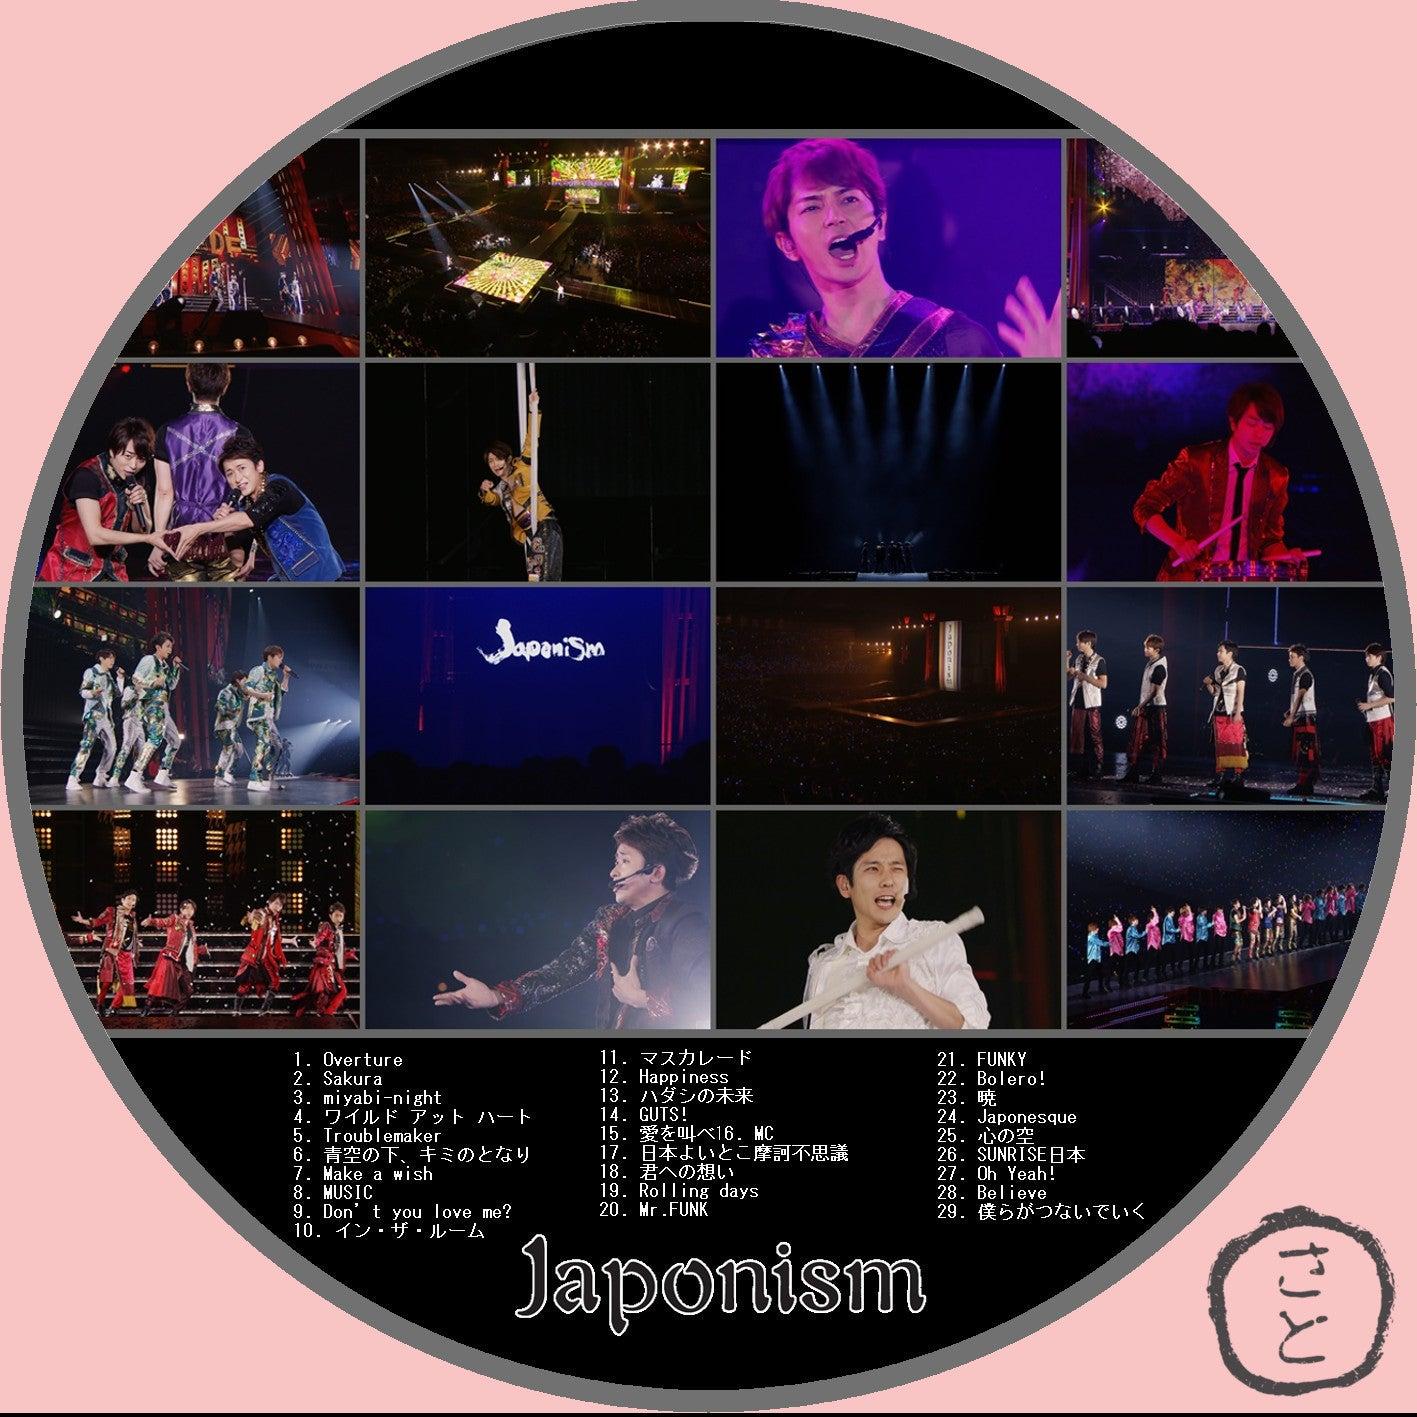 嵐 japonism dvd ラベル